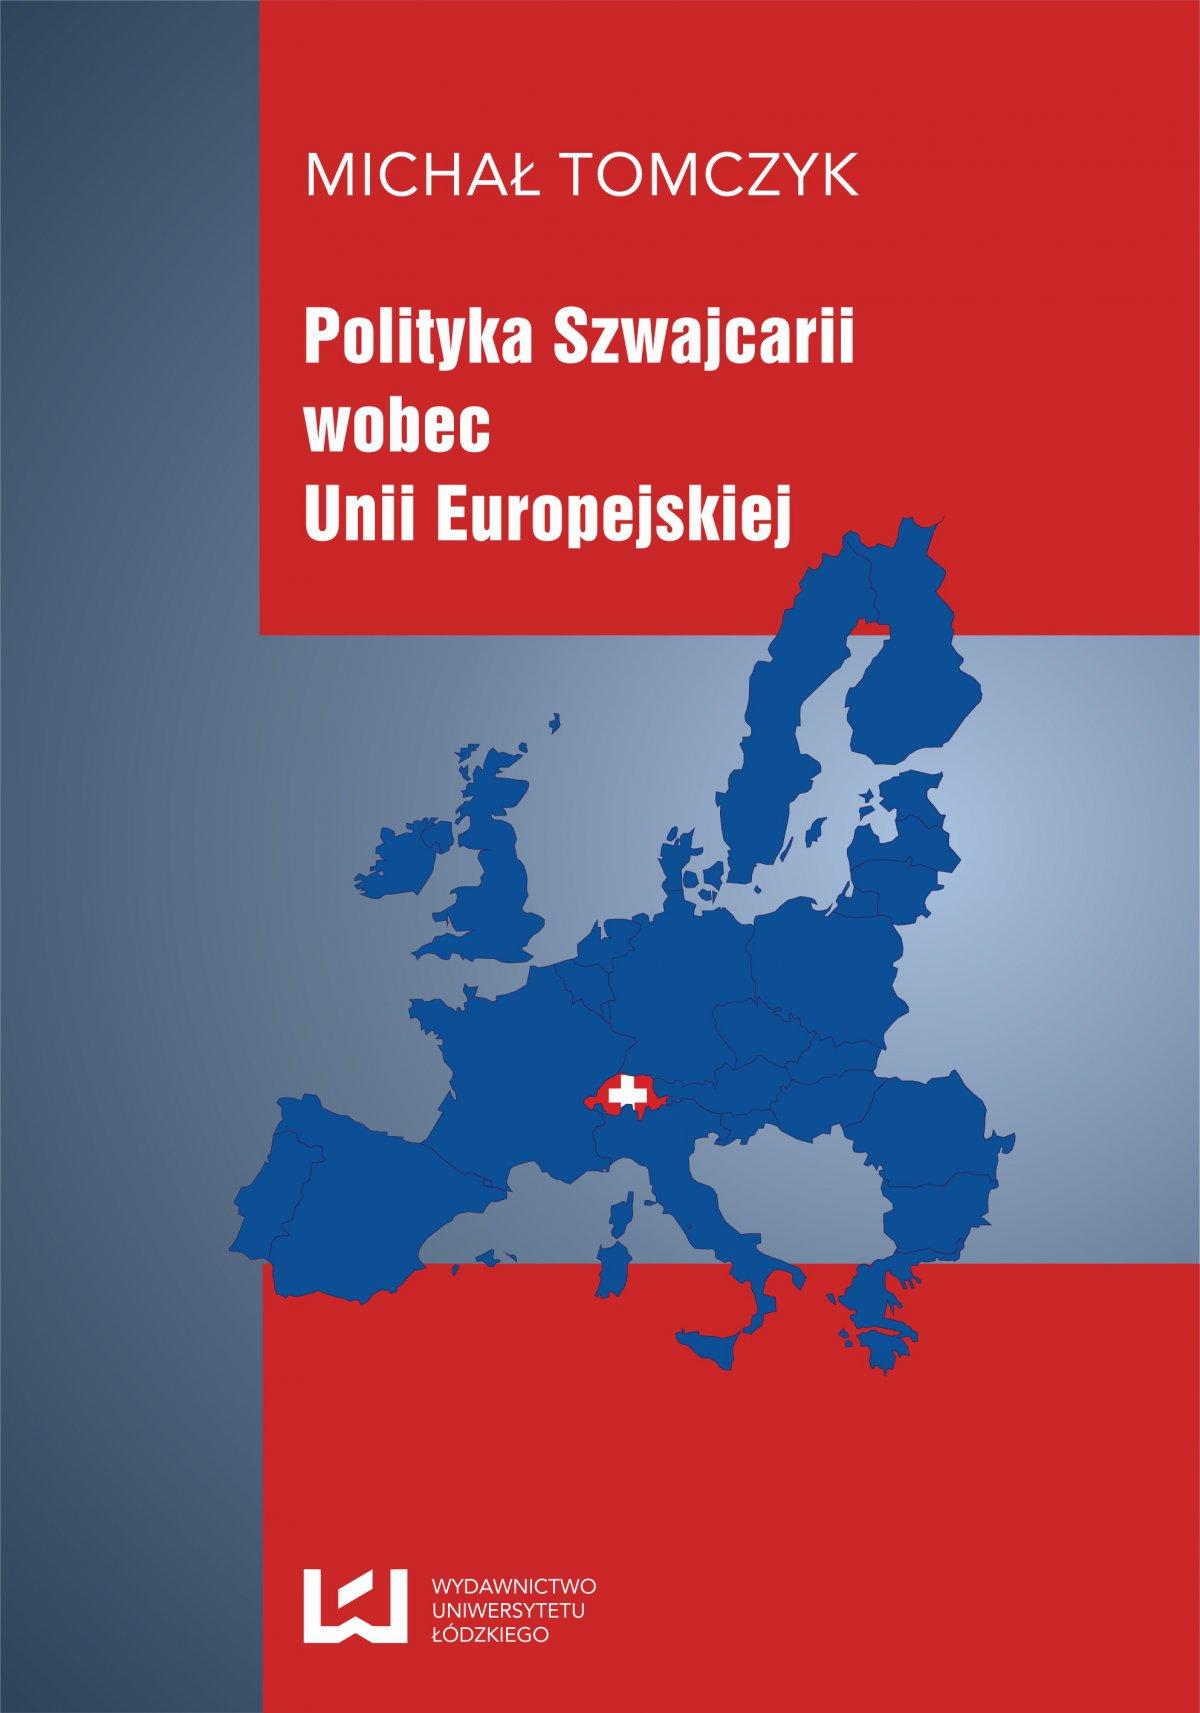 Polityka Szwajcarii wobec Unii Europejskiej - Ebook (Książka PDF) do pobrania w formacie PDF